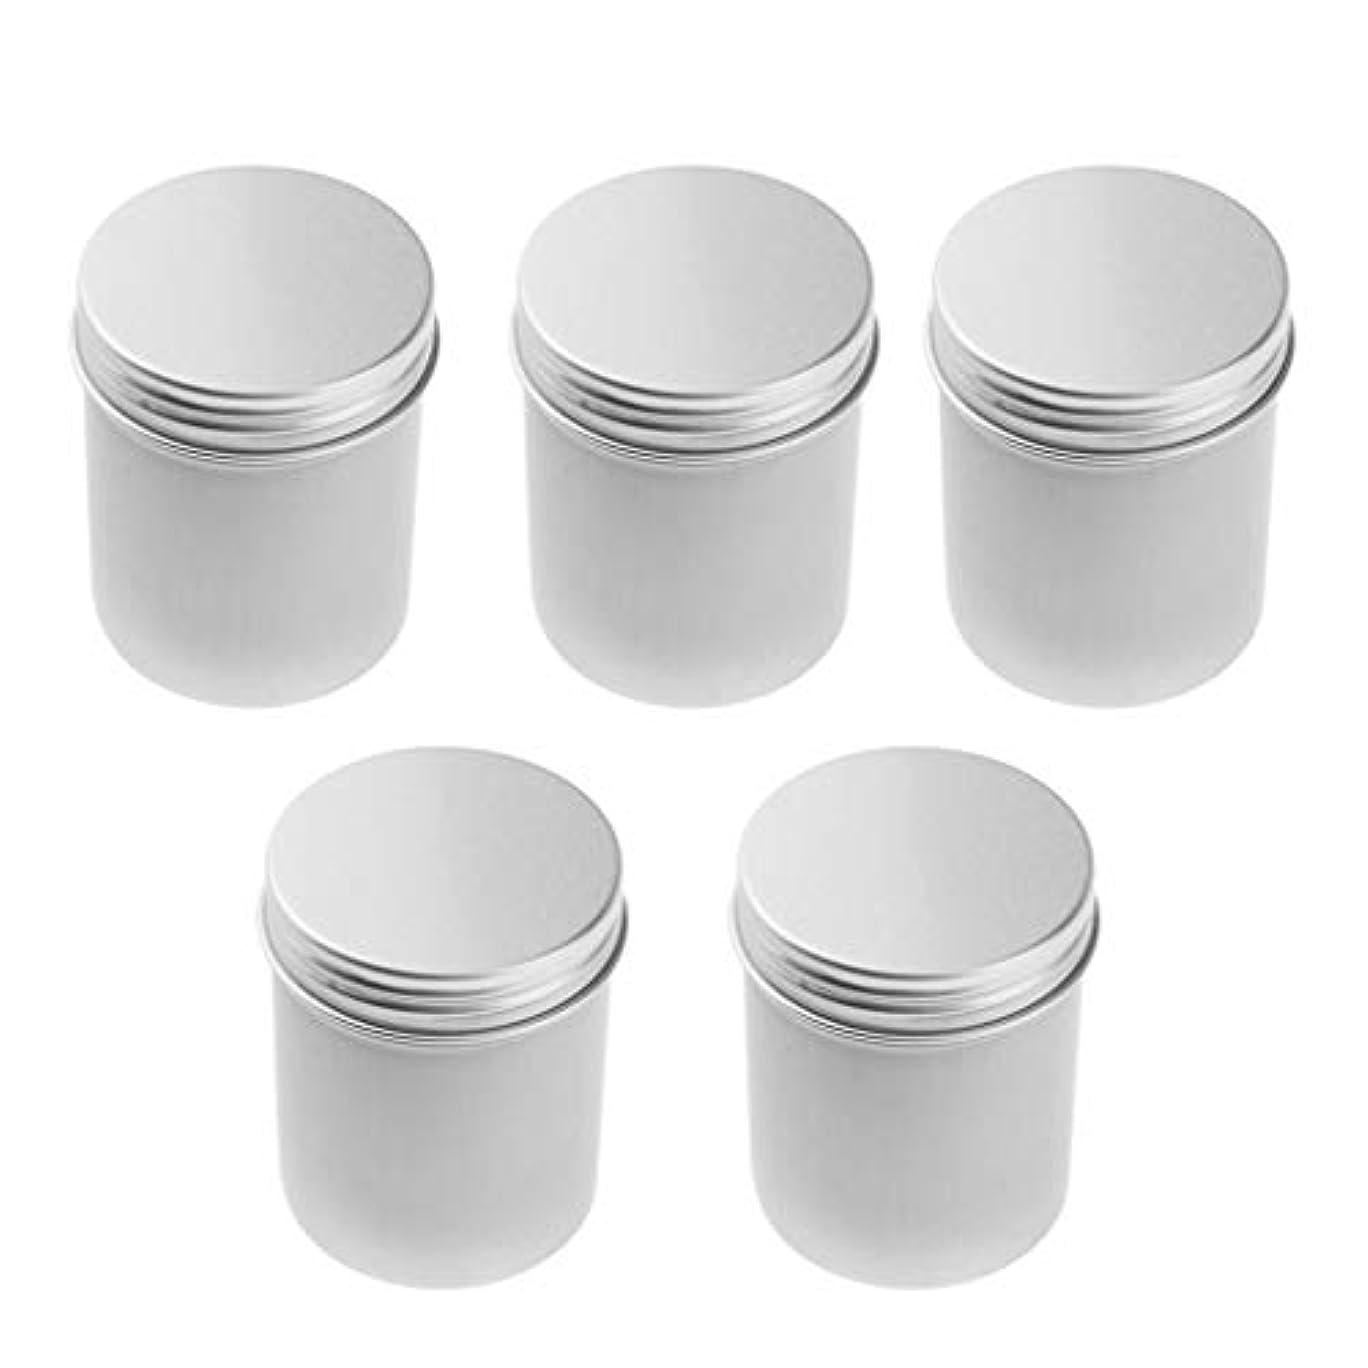 IPOTCH アルミ缶 ポット コスメ 化粧品 詰替え容器 缶 ネジ蓋 高級アルミ製 5本 80ミリリットル 汎用